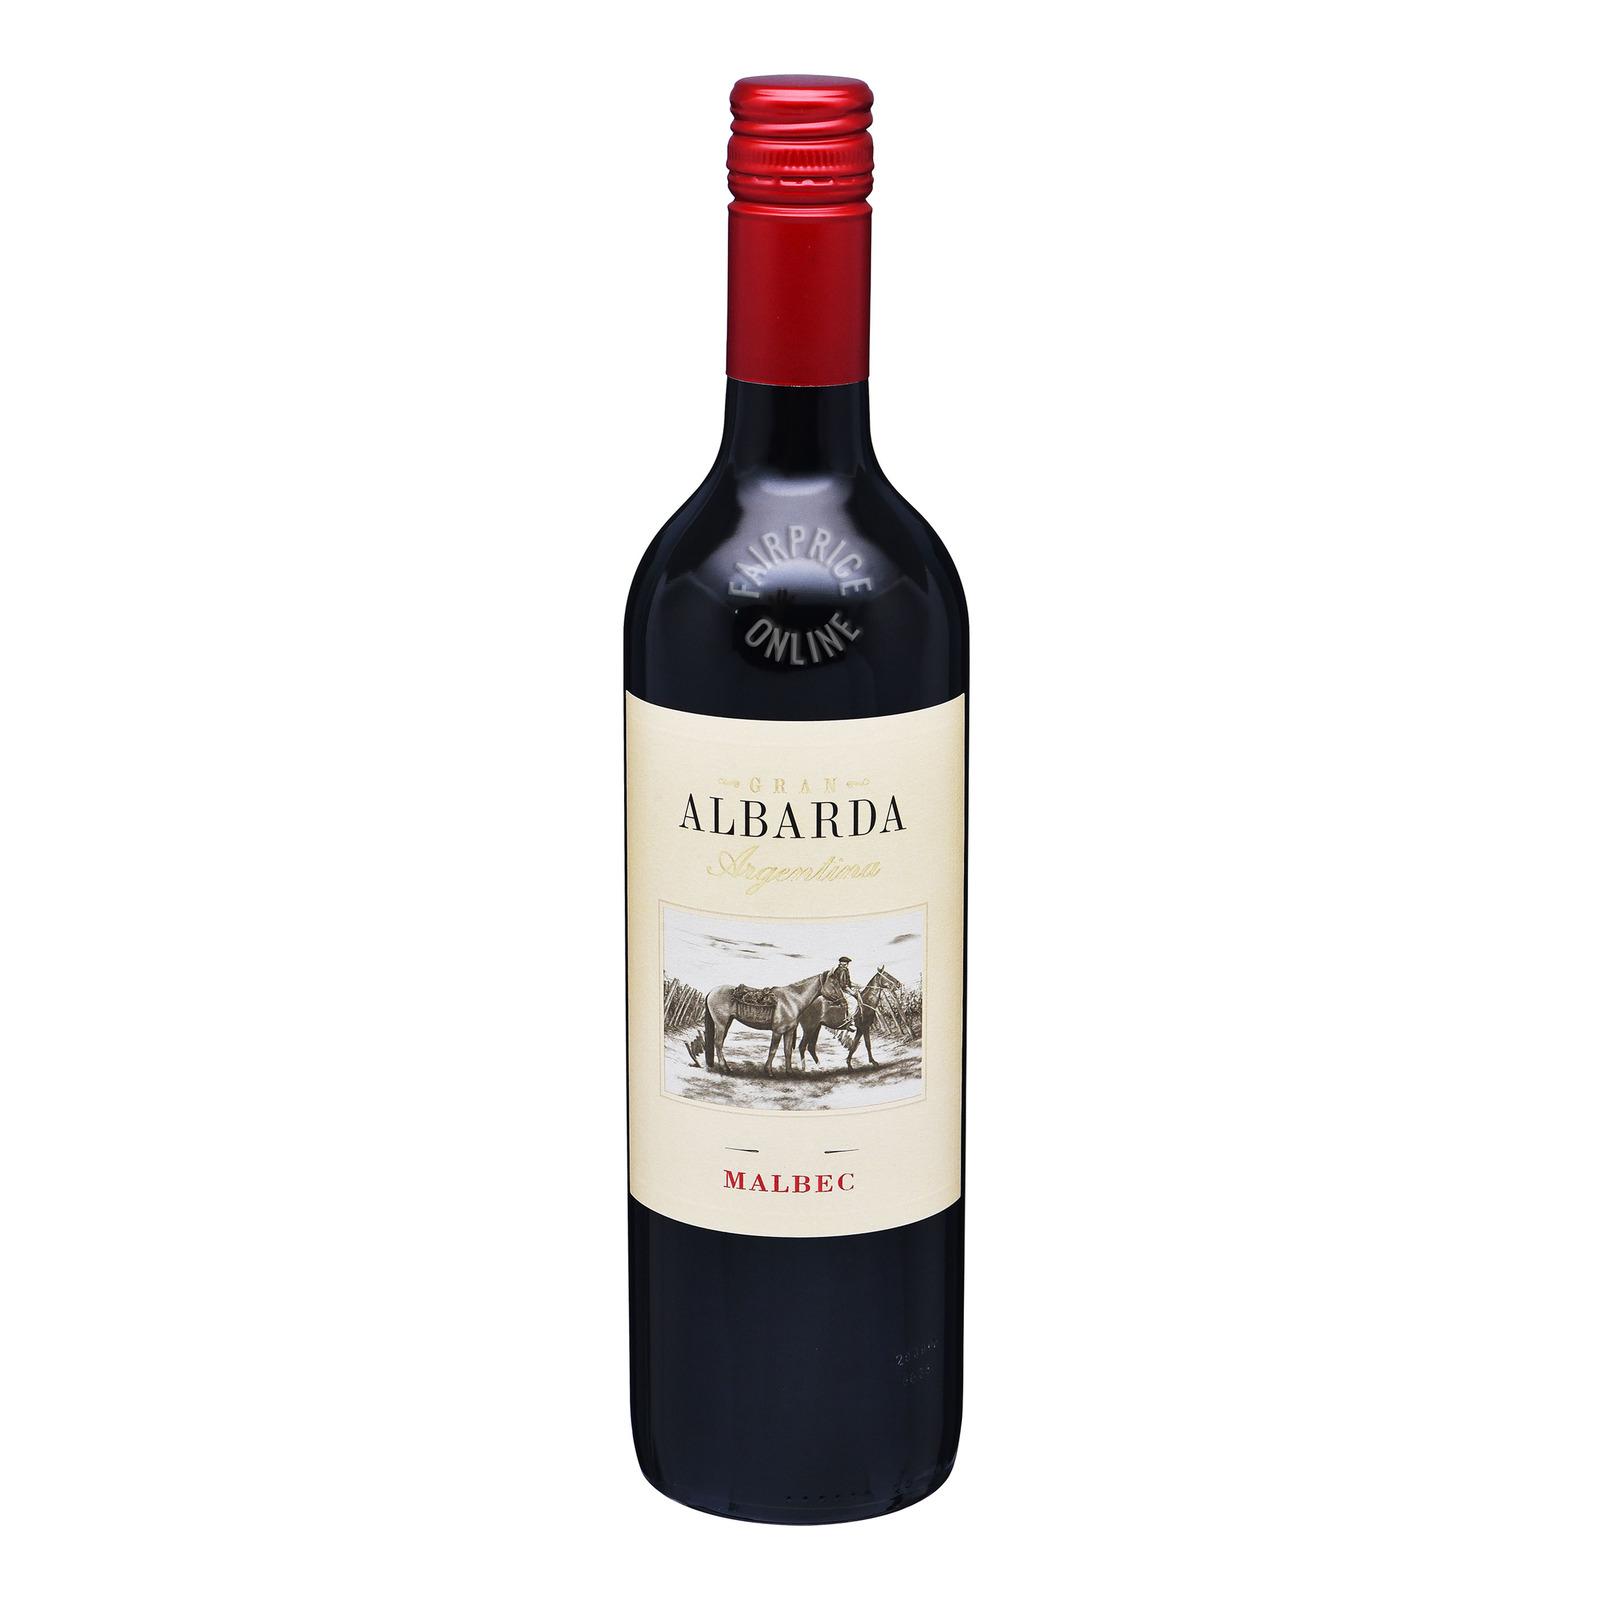 Gran Albarda Red Wine - Malbec